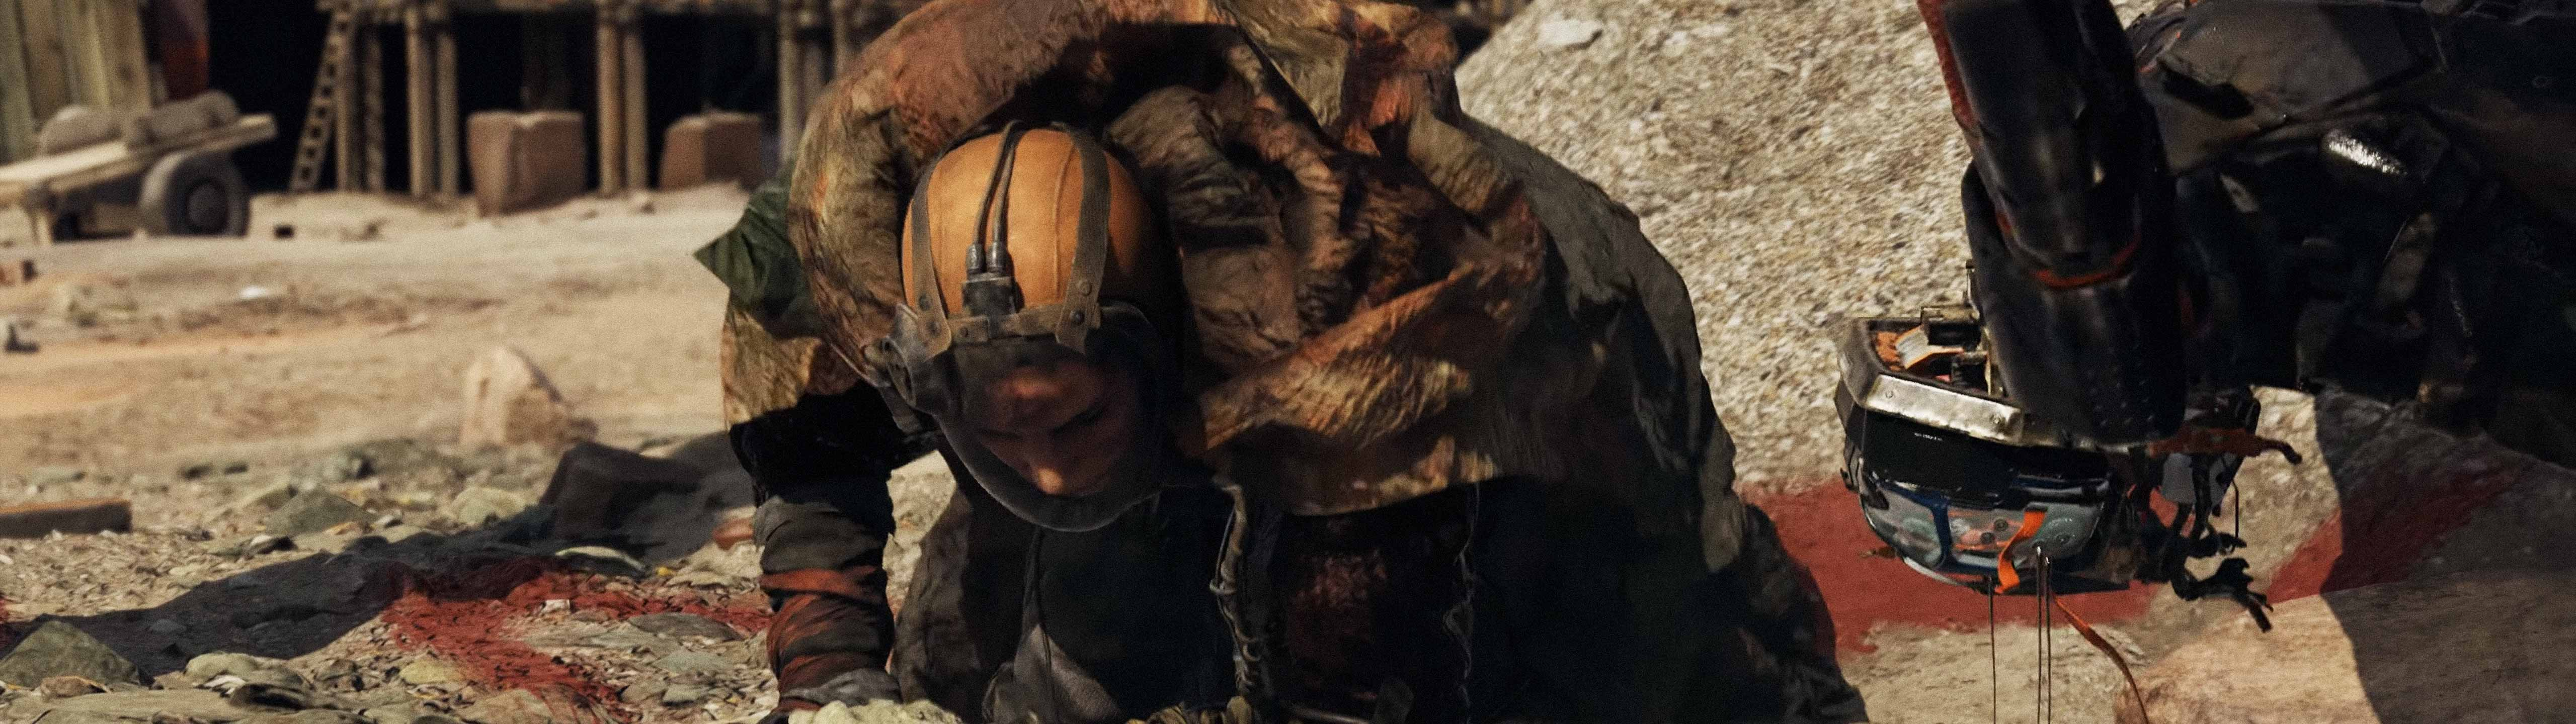 Neill Blomkamp's Oats Studios chooses Quixel Megascans